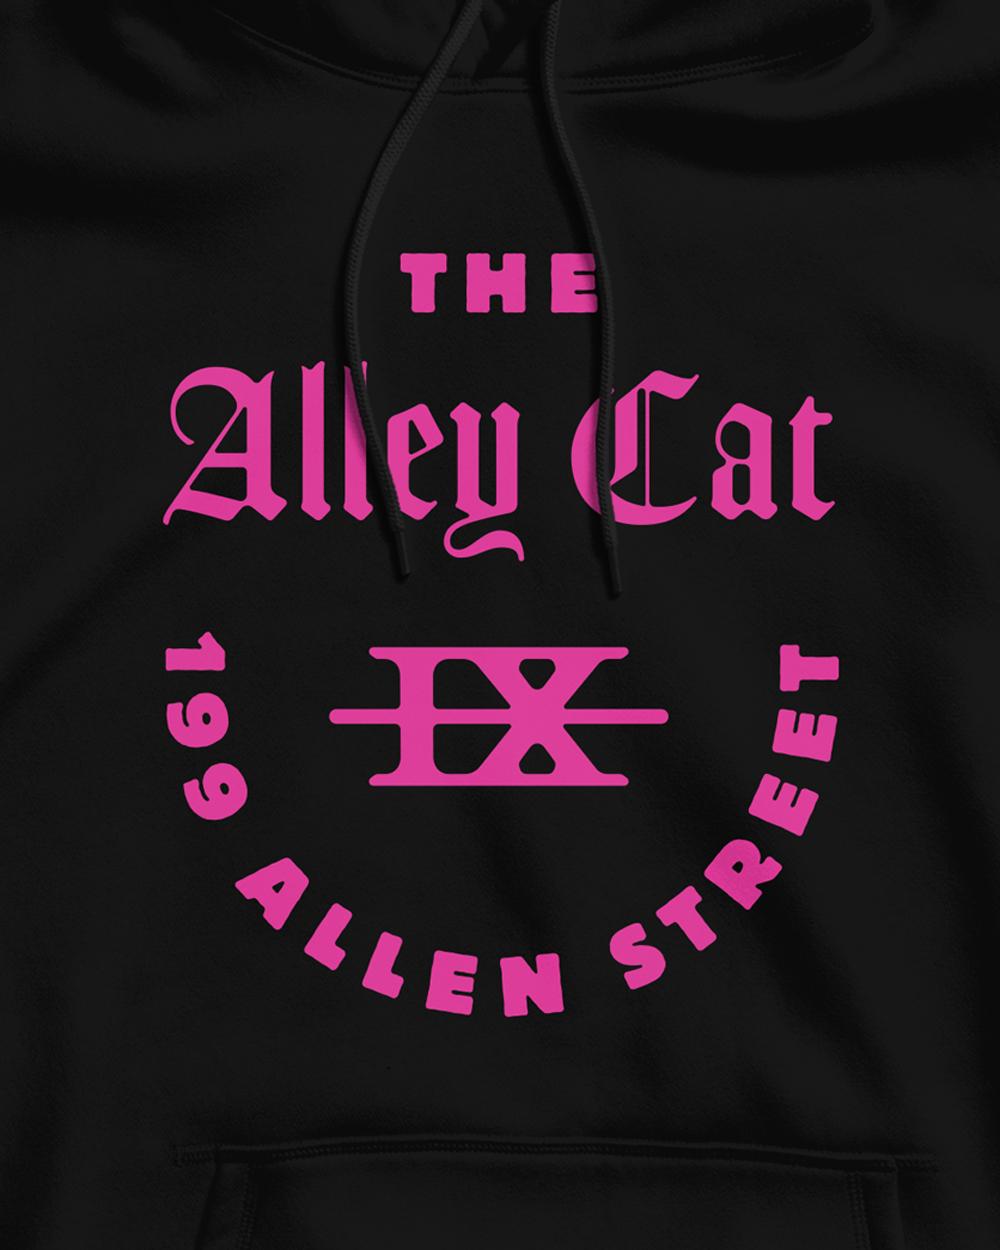 AlleyCat3